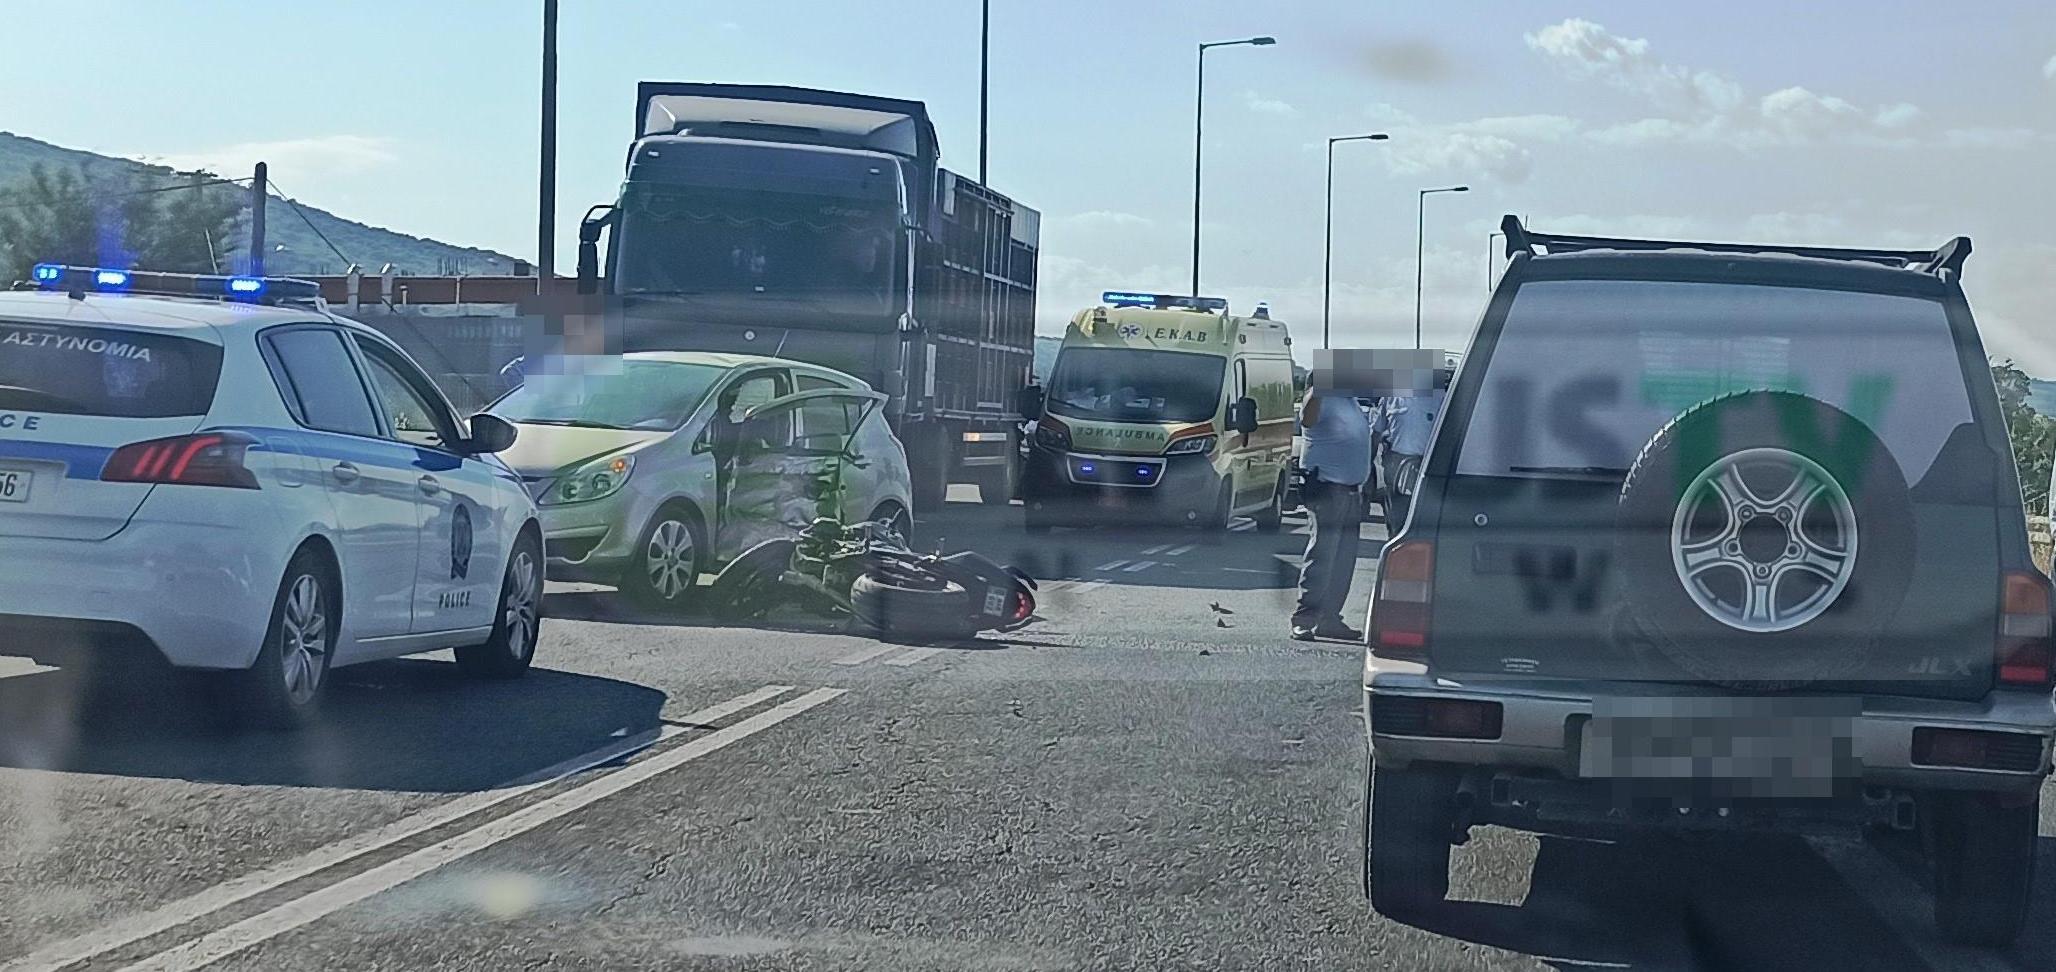 Ιωάννινα: Σοβαρός τραυματισμός οδηγού μηχανής μετά από σύγκρουση με ΙΧ (pics)